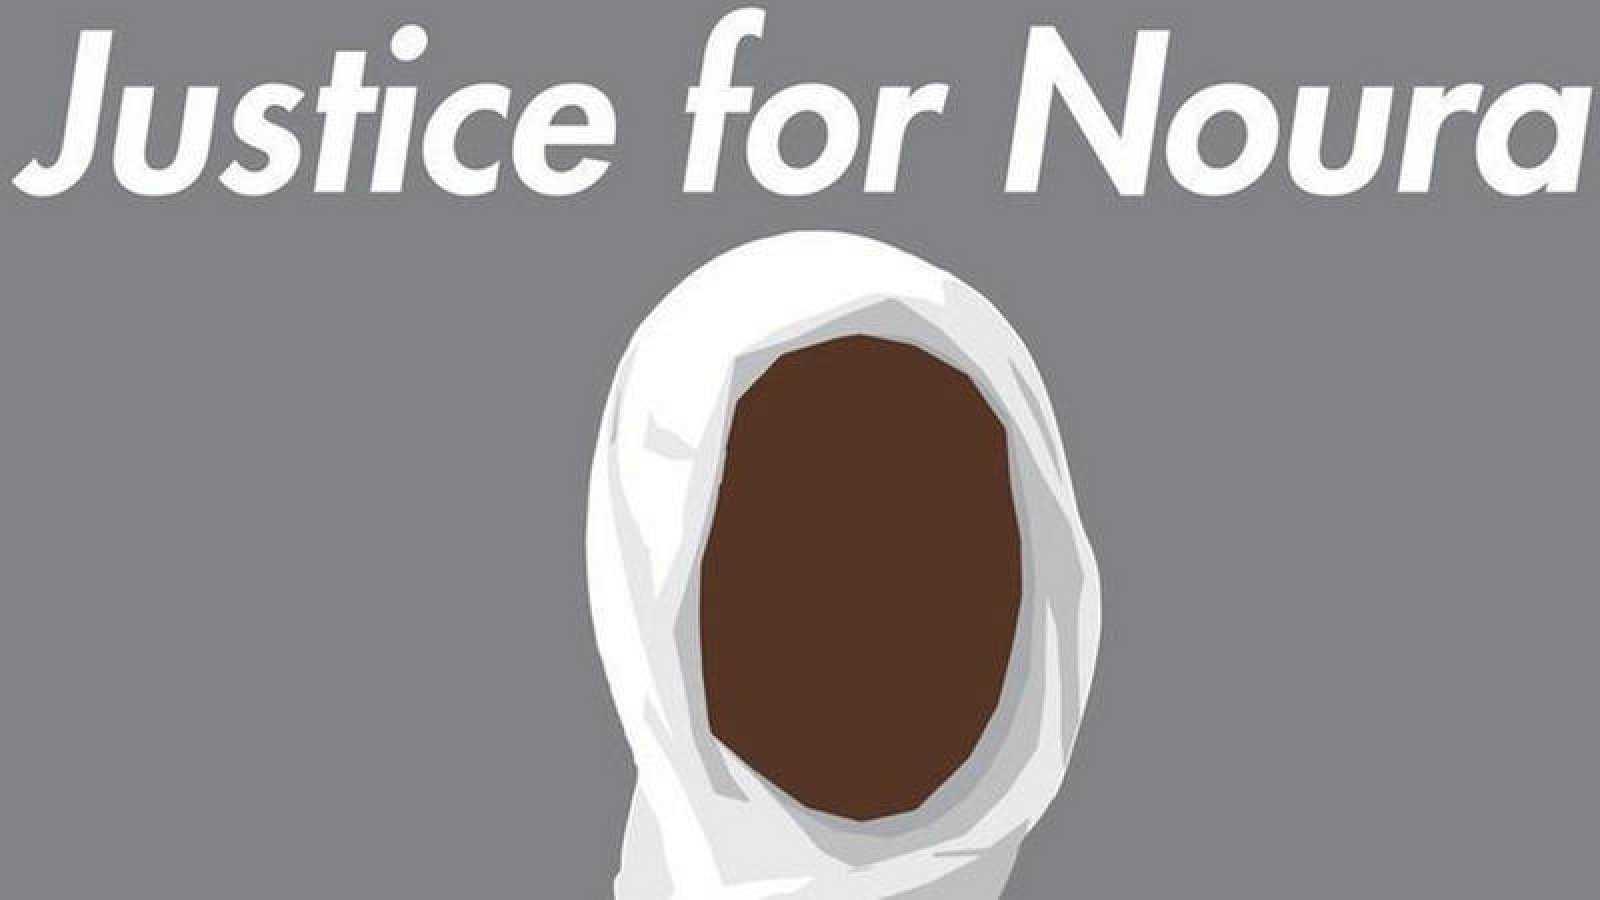 Imagen de la campaña que pide justicia para Noura Hussein en redes sociales